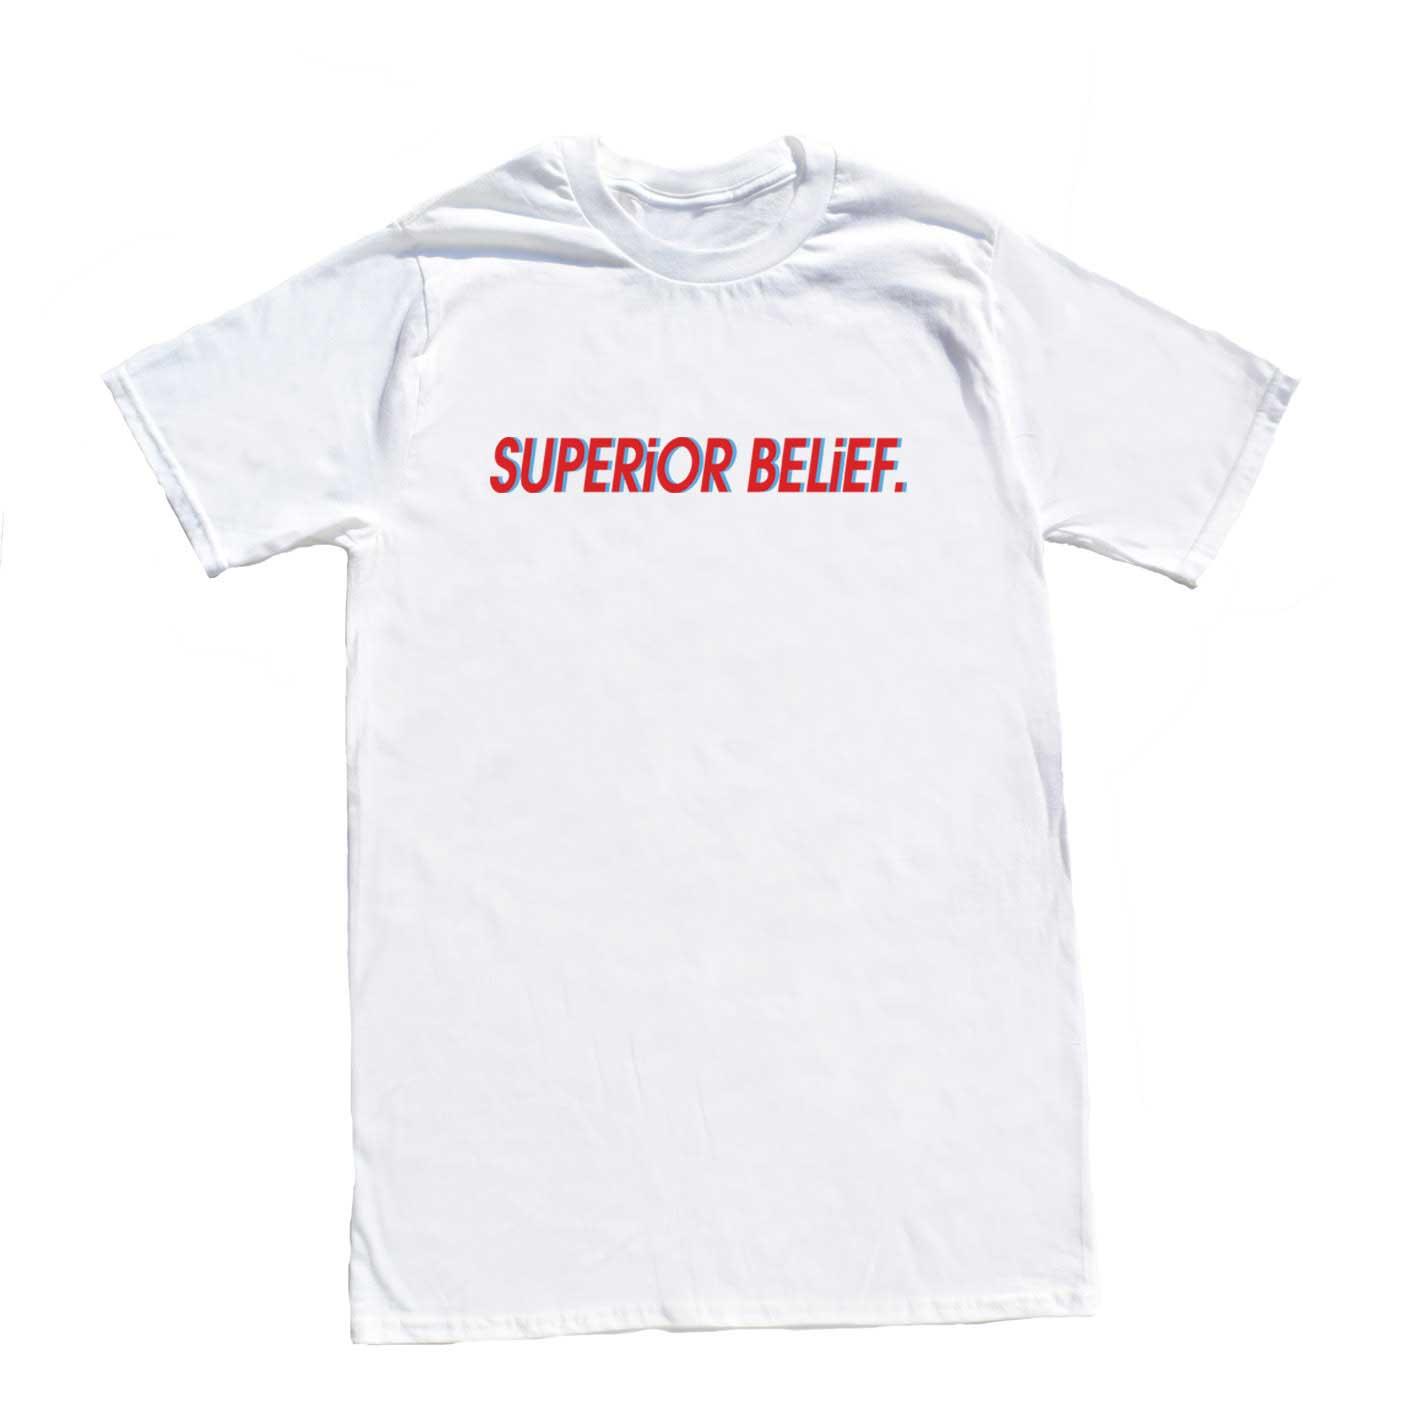 superior-belief-image-5